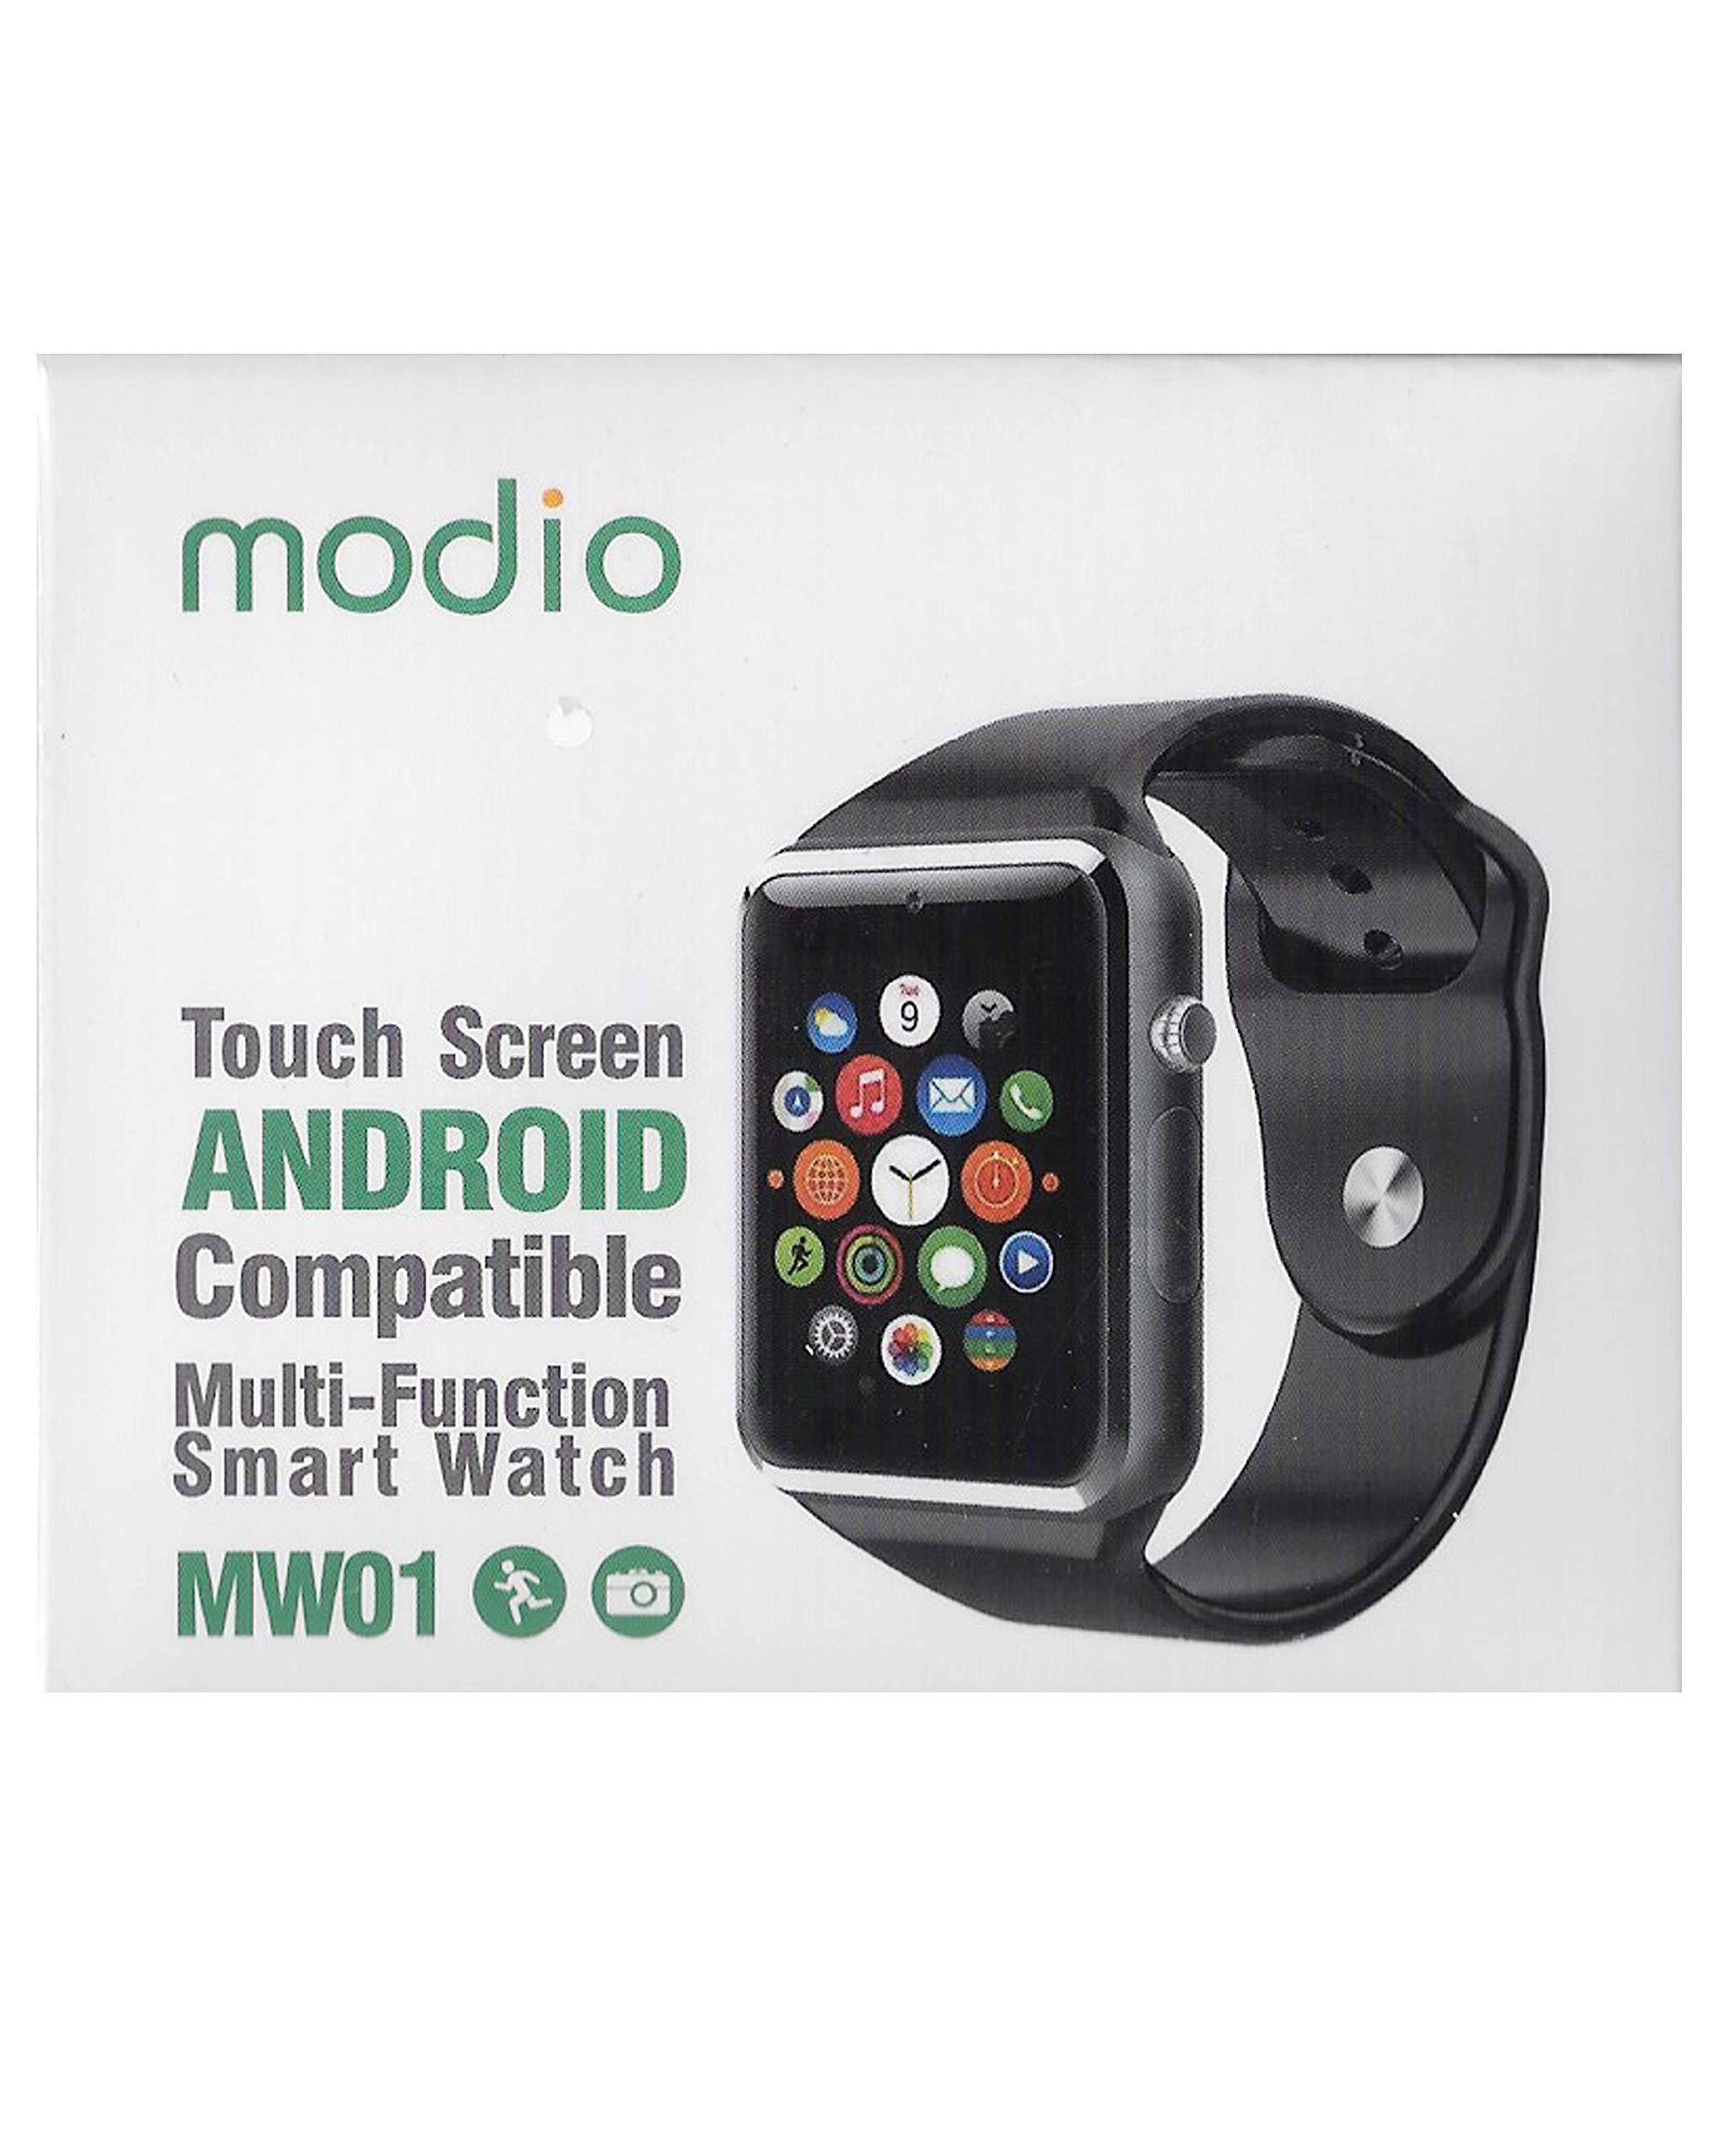 ساعت هوشمندمودیوmodio mw01